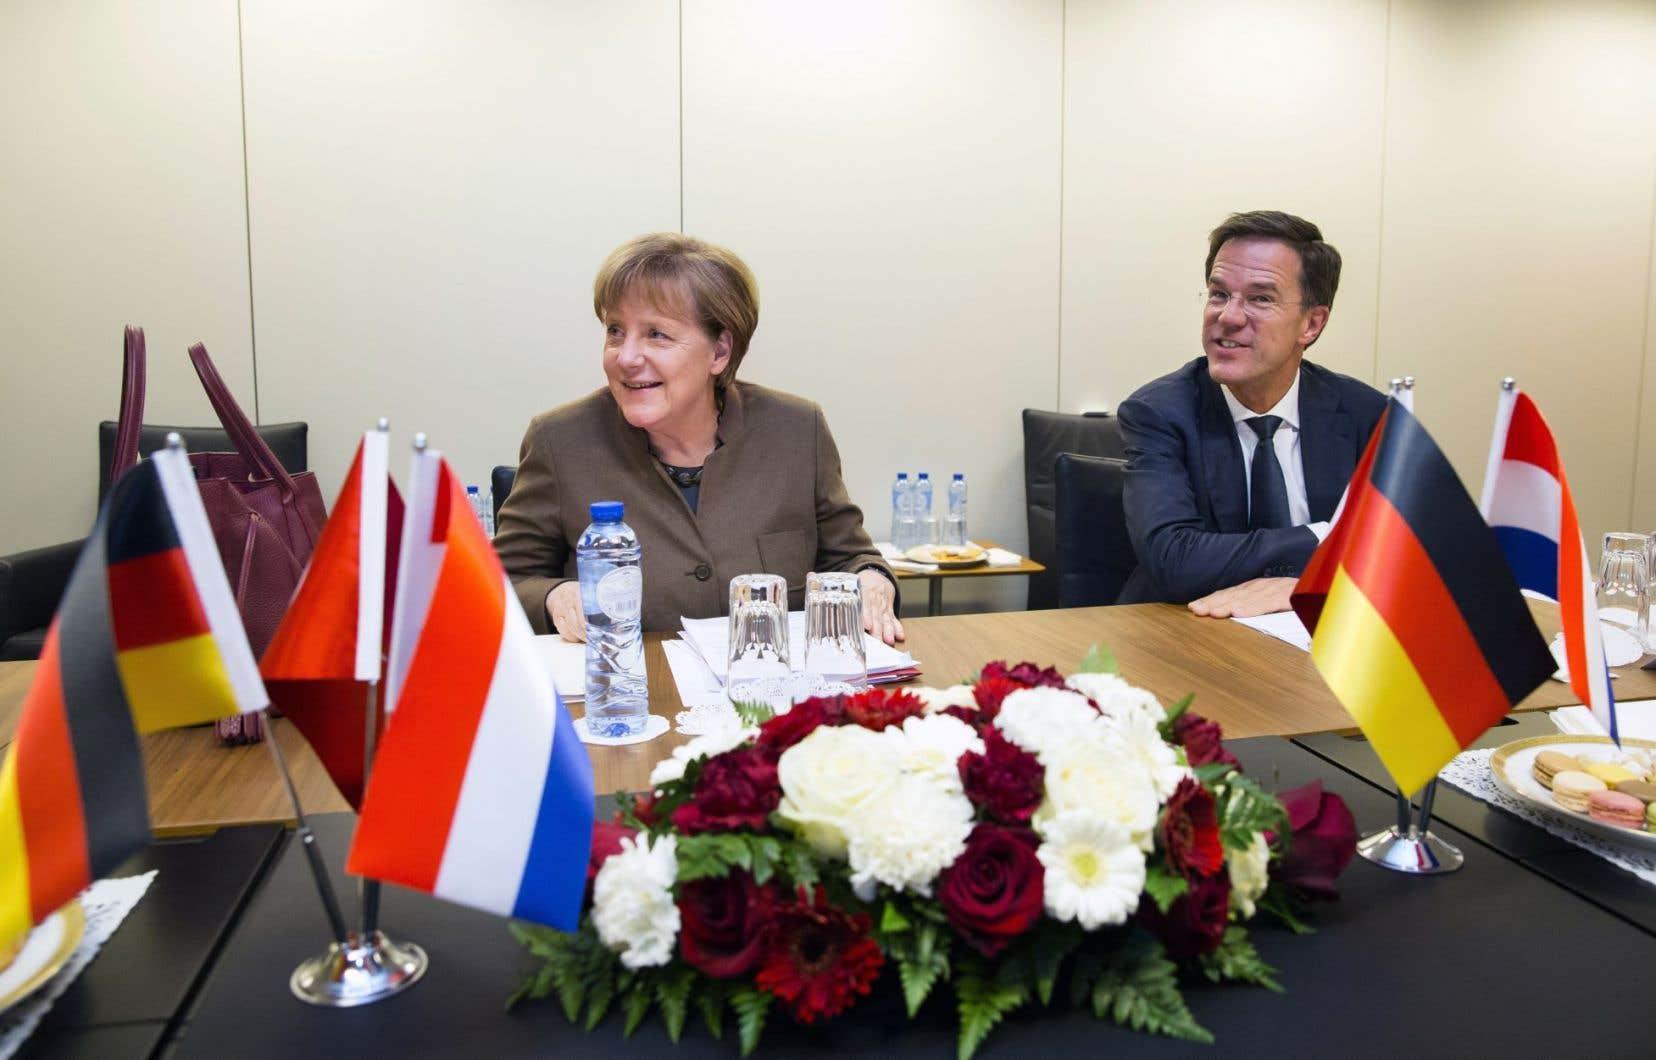 La chancelière allemande, Angela Merkel, et le premier ministre néerlandais, Mark Rutte, se sont rencontrés dimanche à Bruxelles en préparation du sommet de lundi.